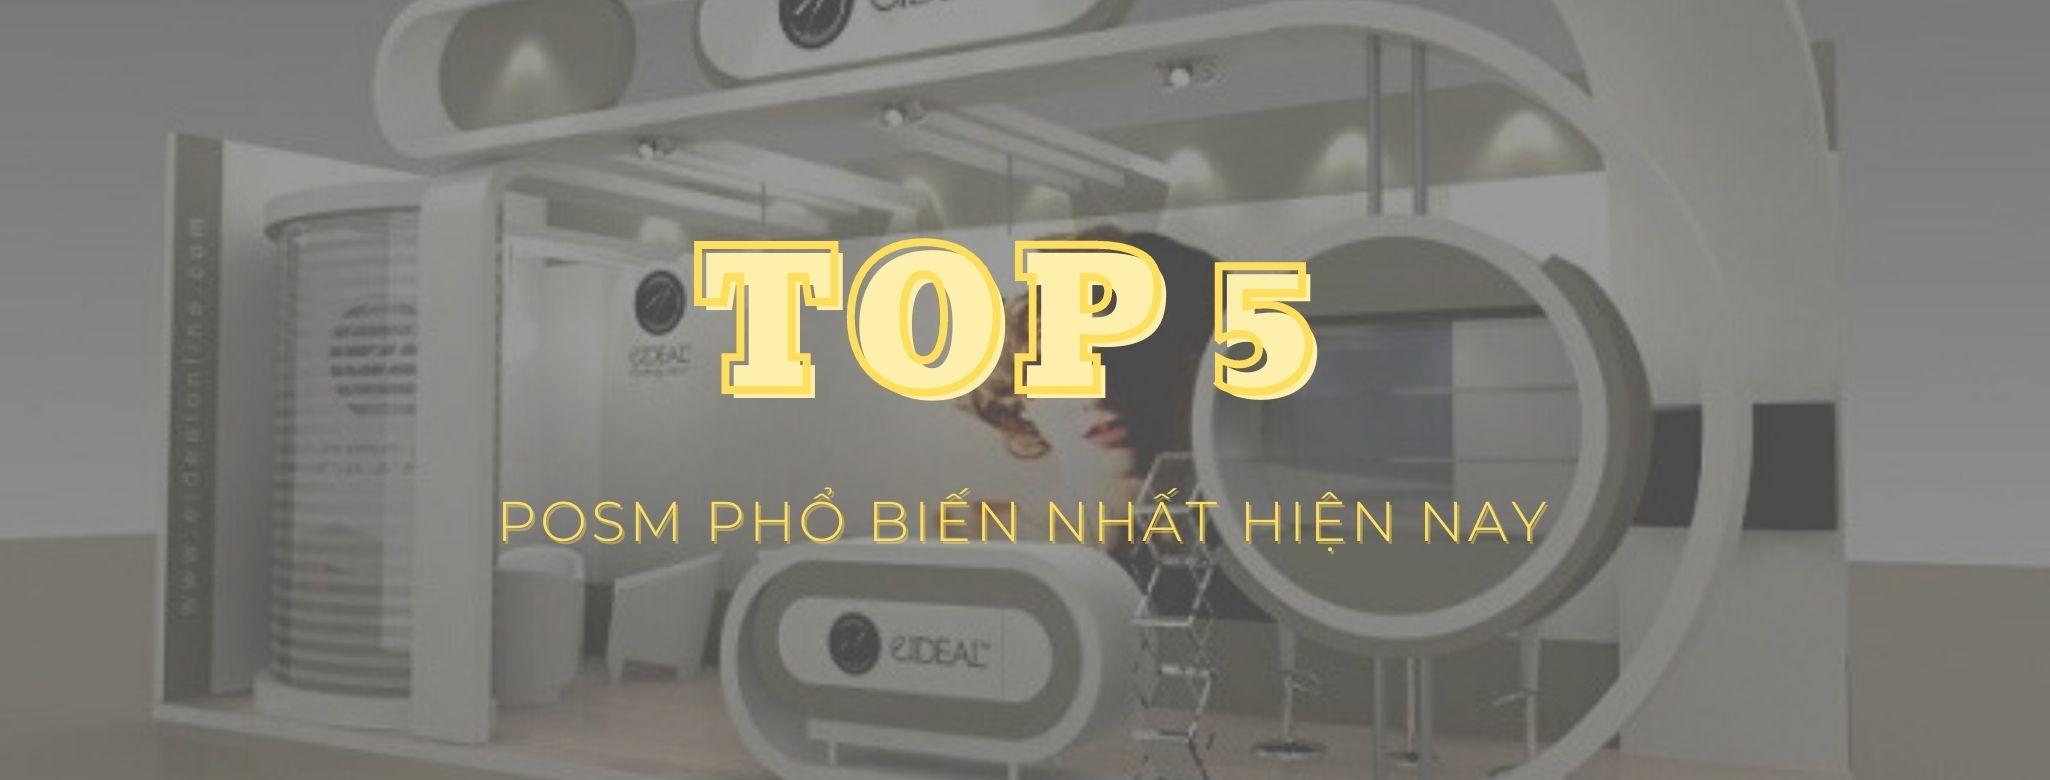 Top 5 posm phổ biến nhất hiện nay